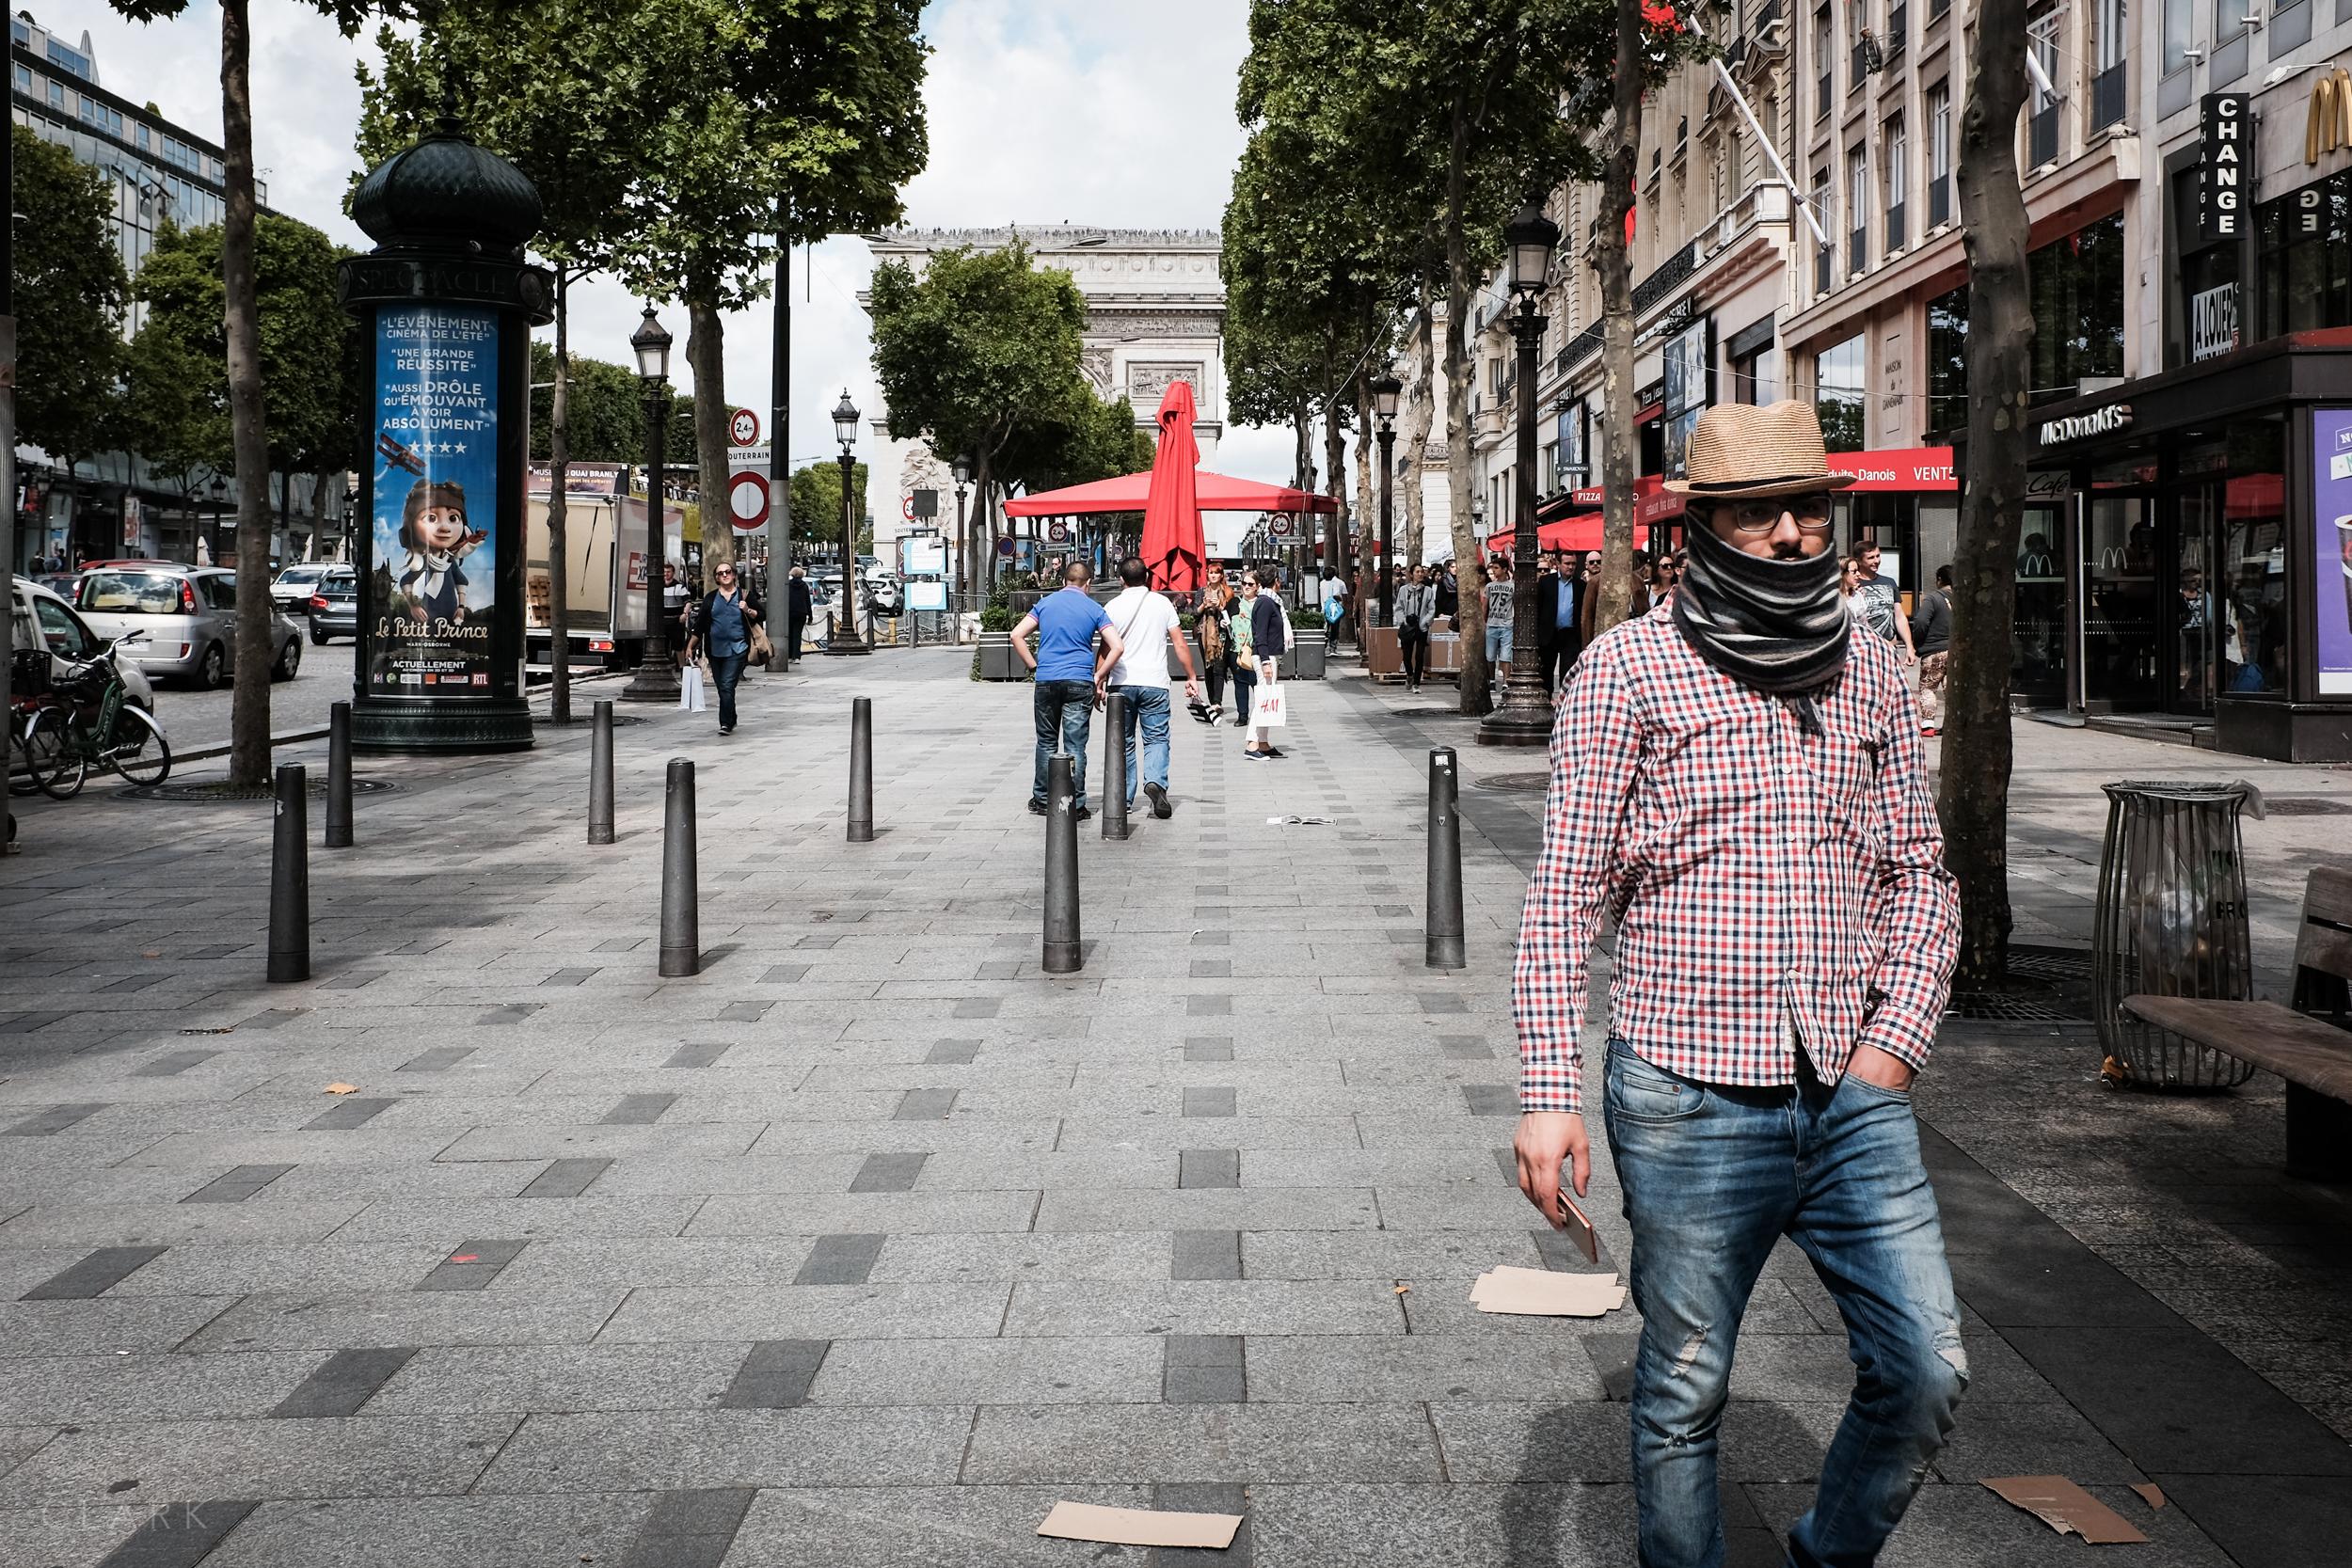 021_DerekClarkPhoto-Street_Portfolio.jpg